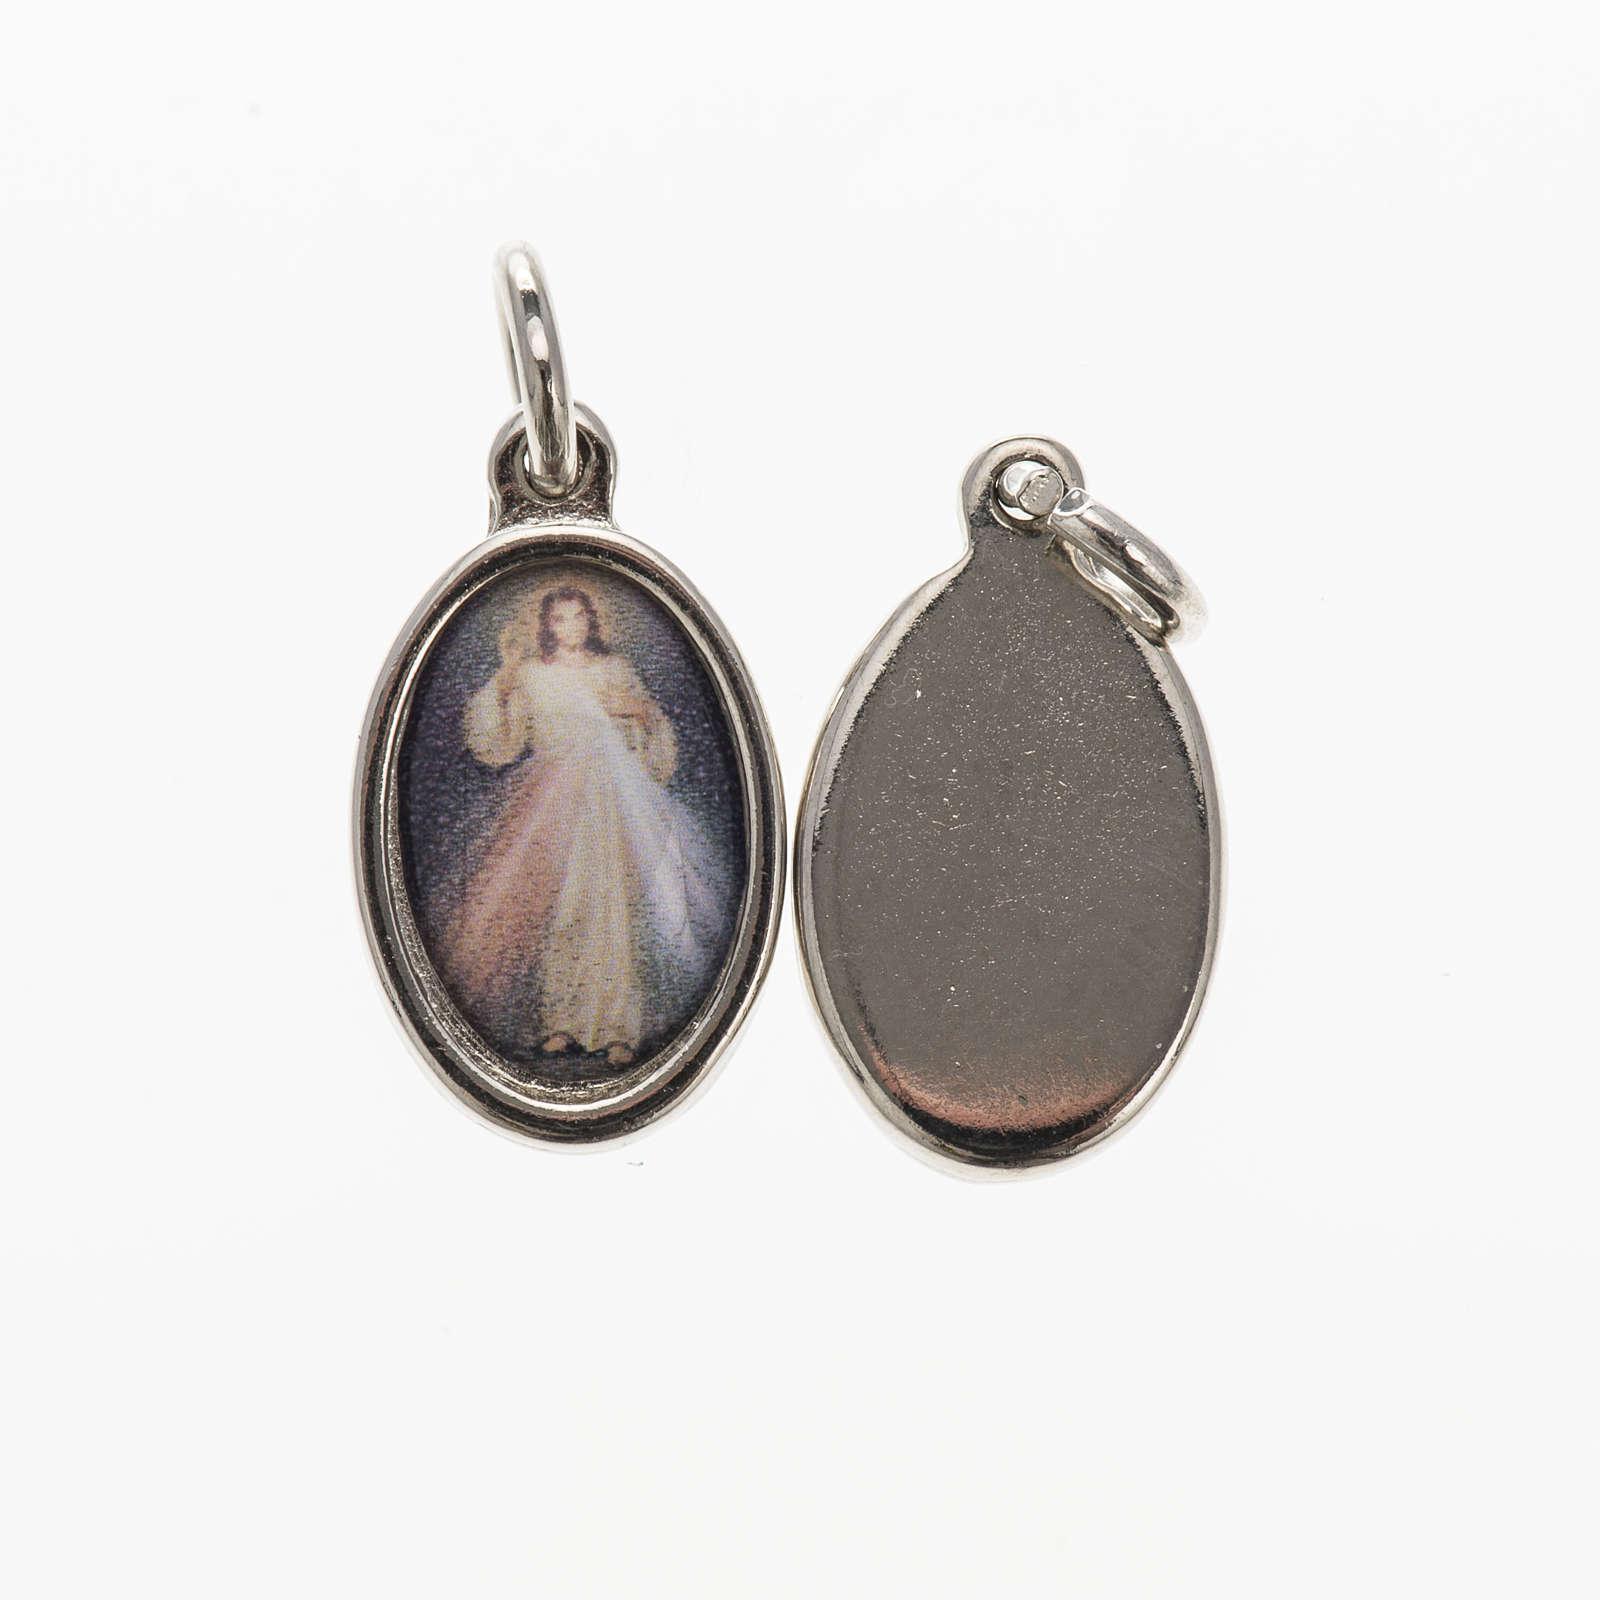 Medaglia Gesù Misericordioso metallo nichelato resina 1,5x1 cm 4